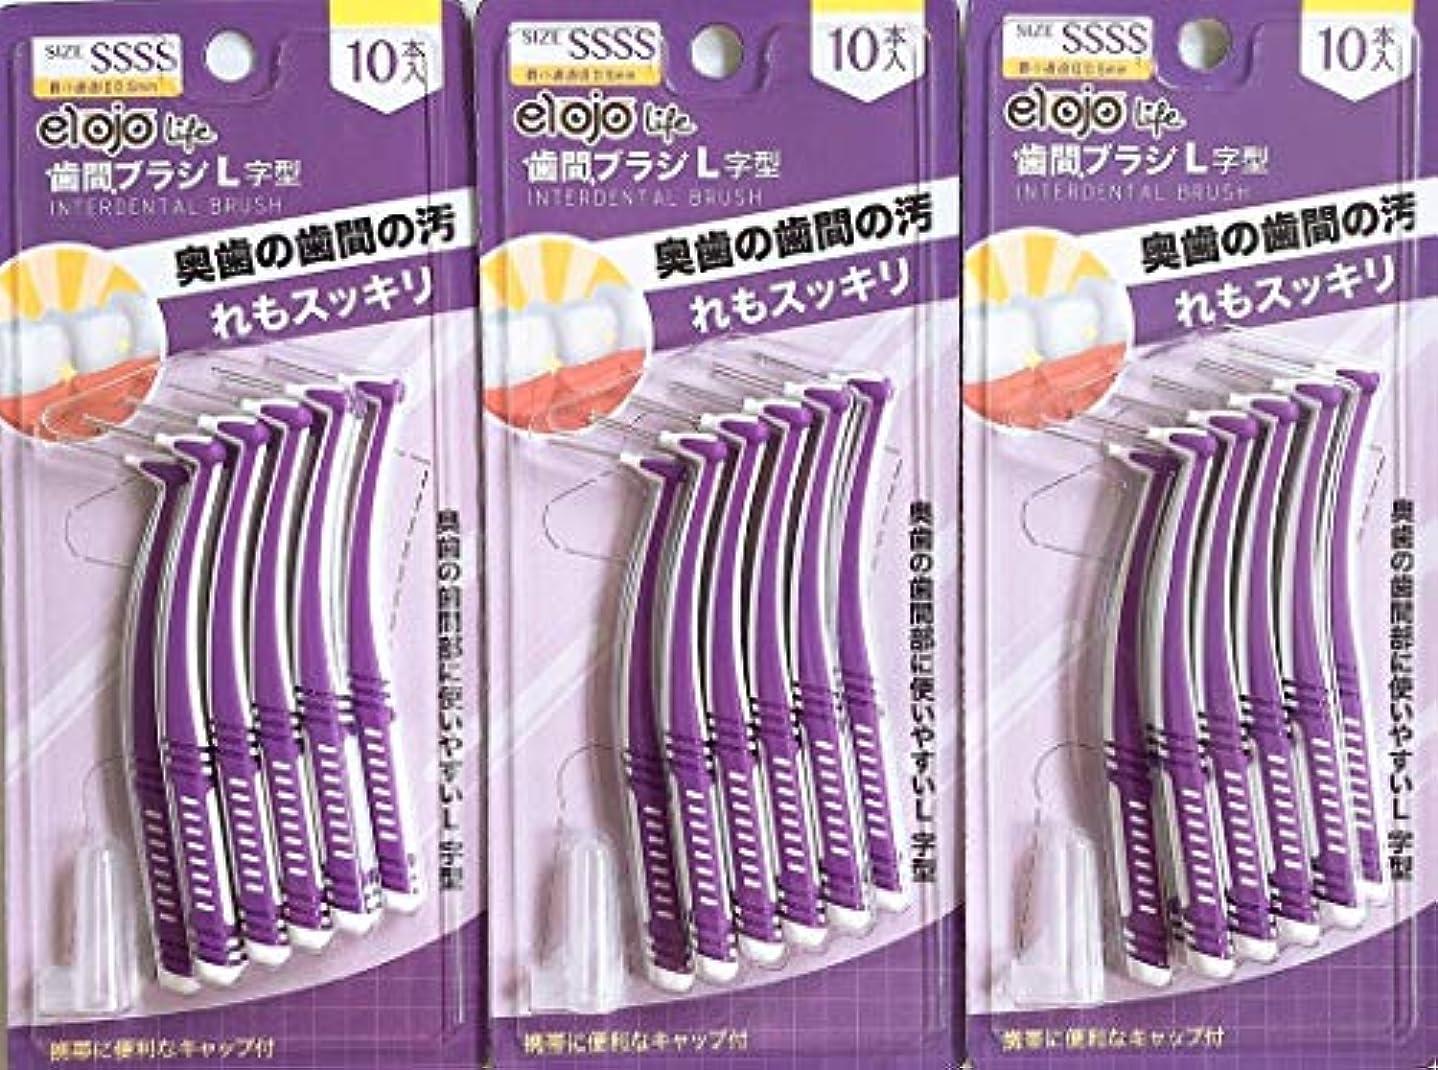 完璧晩ごはん印象派elojo Life 歯間ブラシ〈 L字型 〉SSSSサイズ 10本 (30本) 【送料無料】 [並行輸入品]